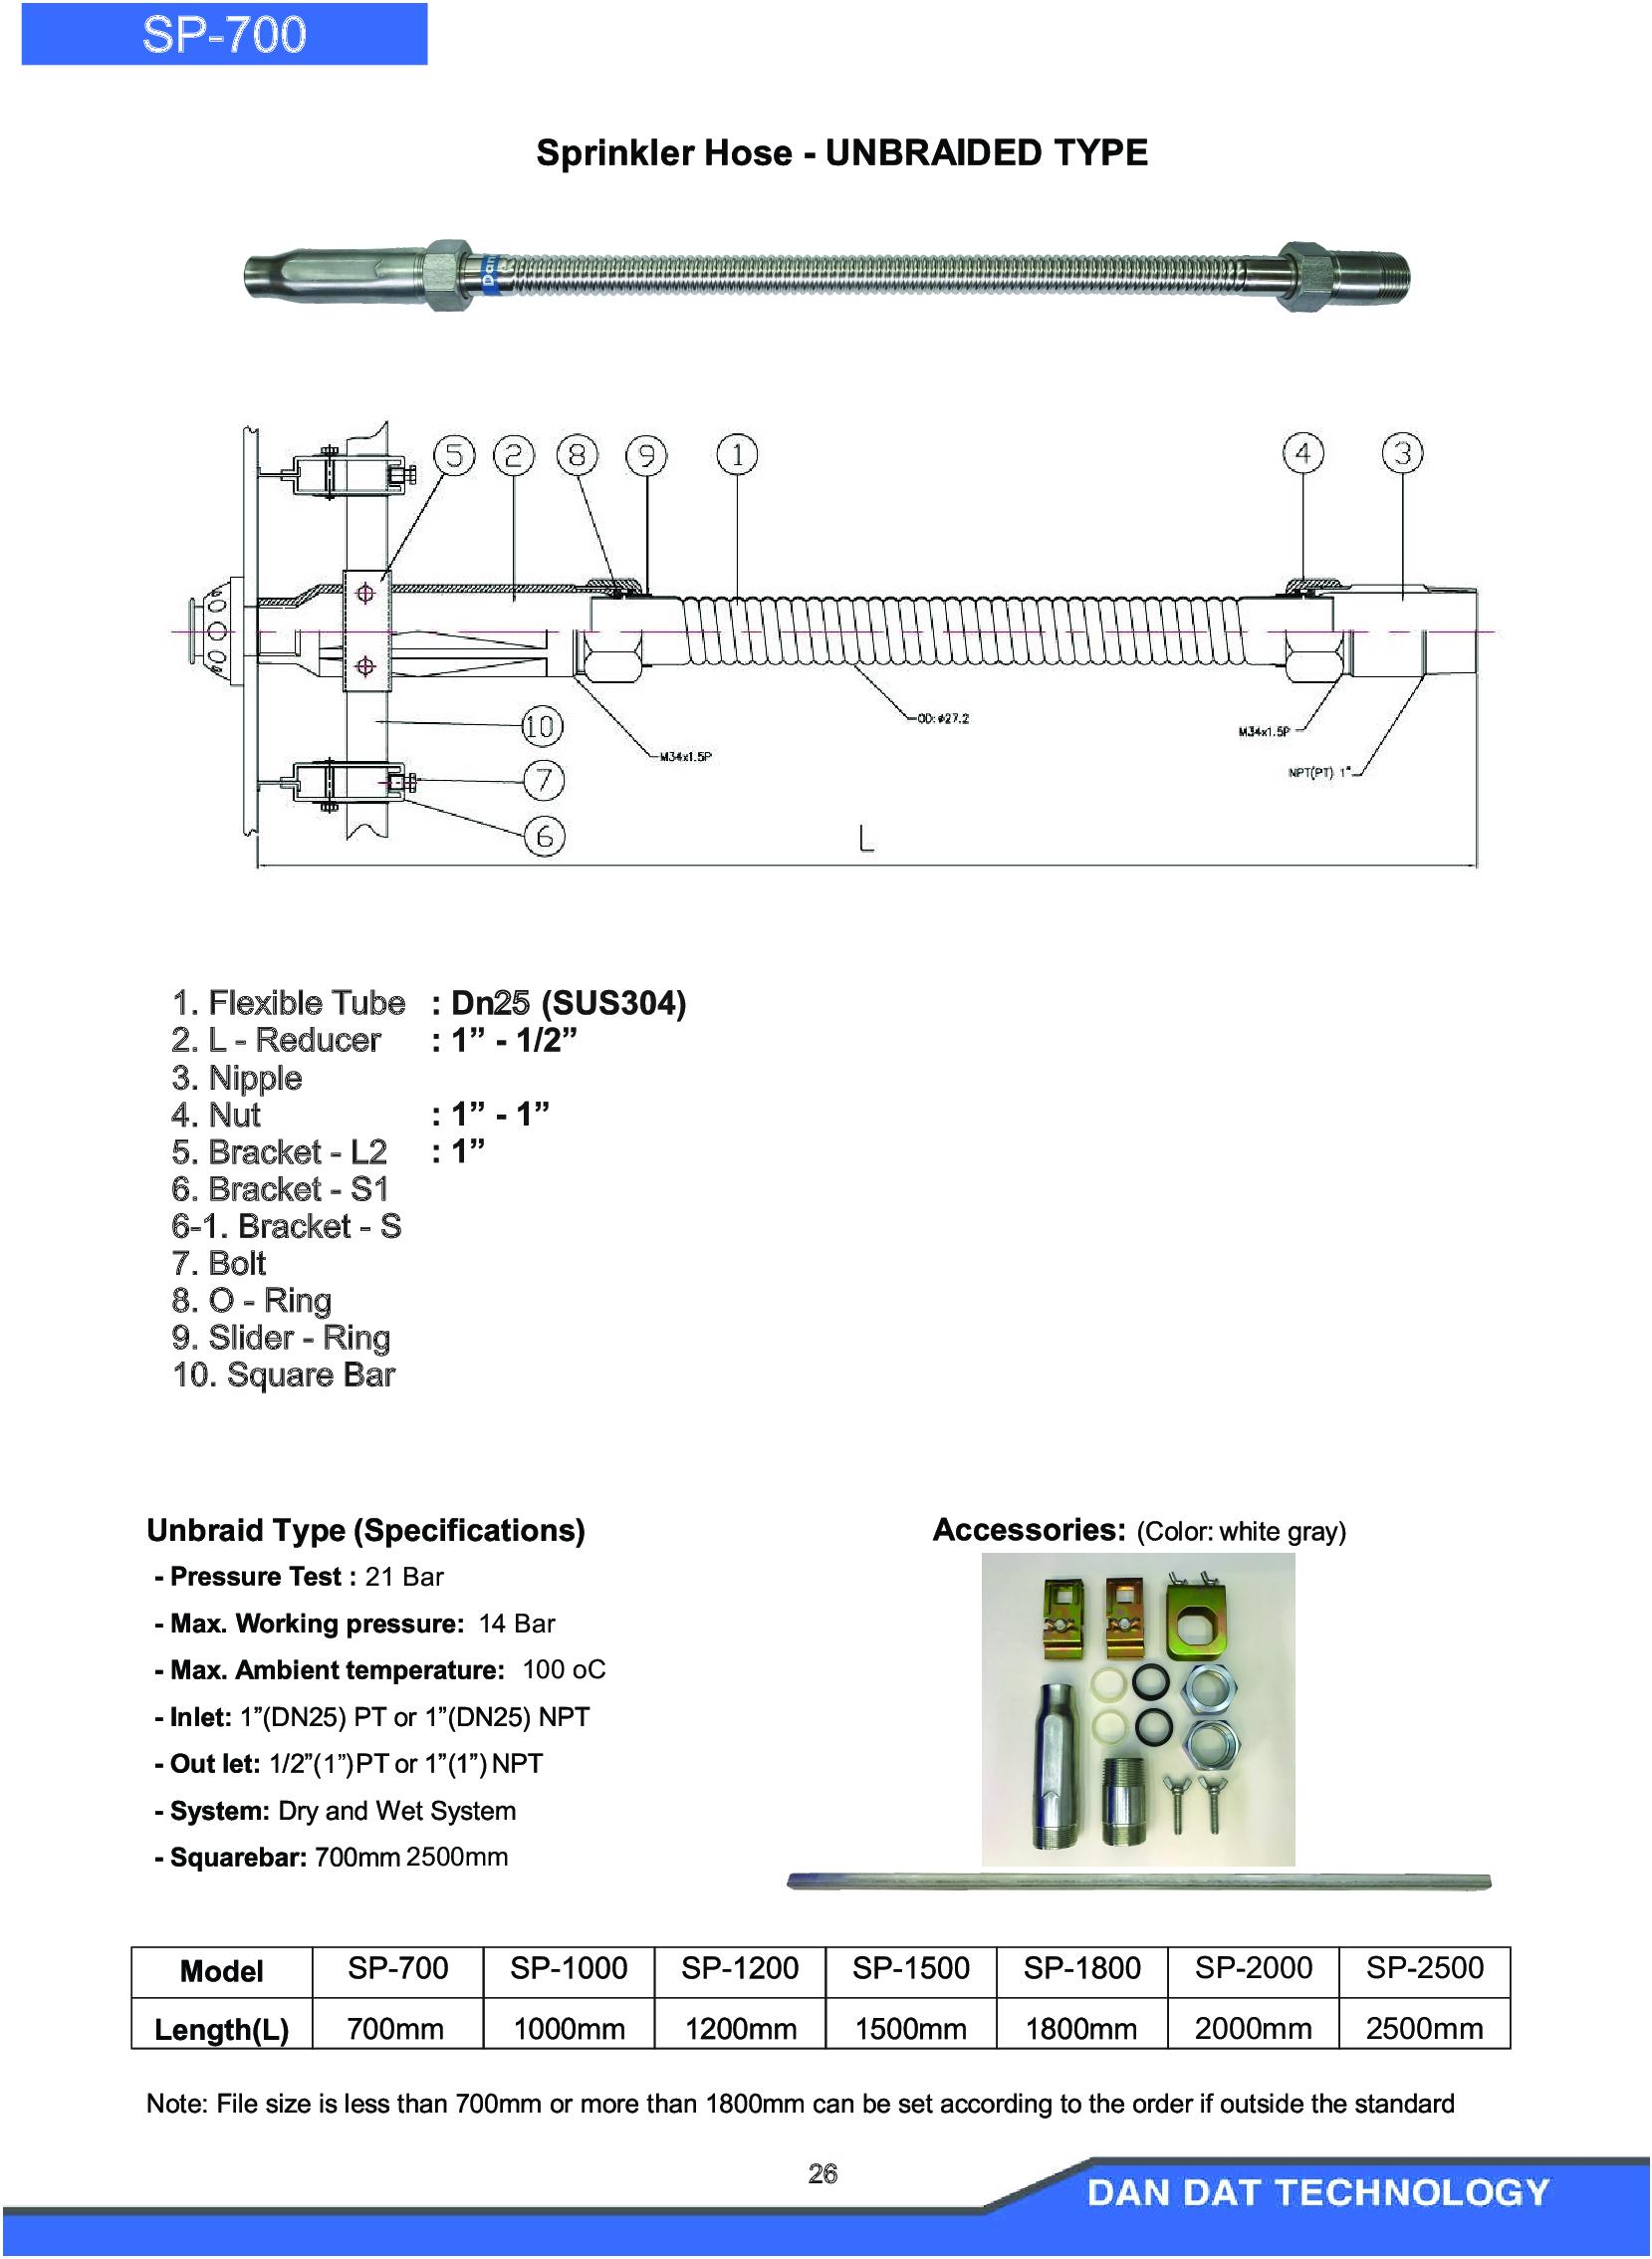 Catalogue ống mềm nối đầu phun sprinkler